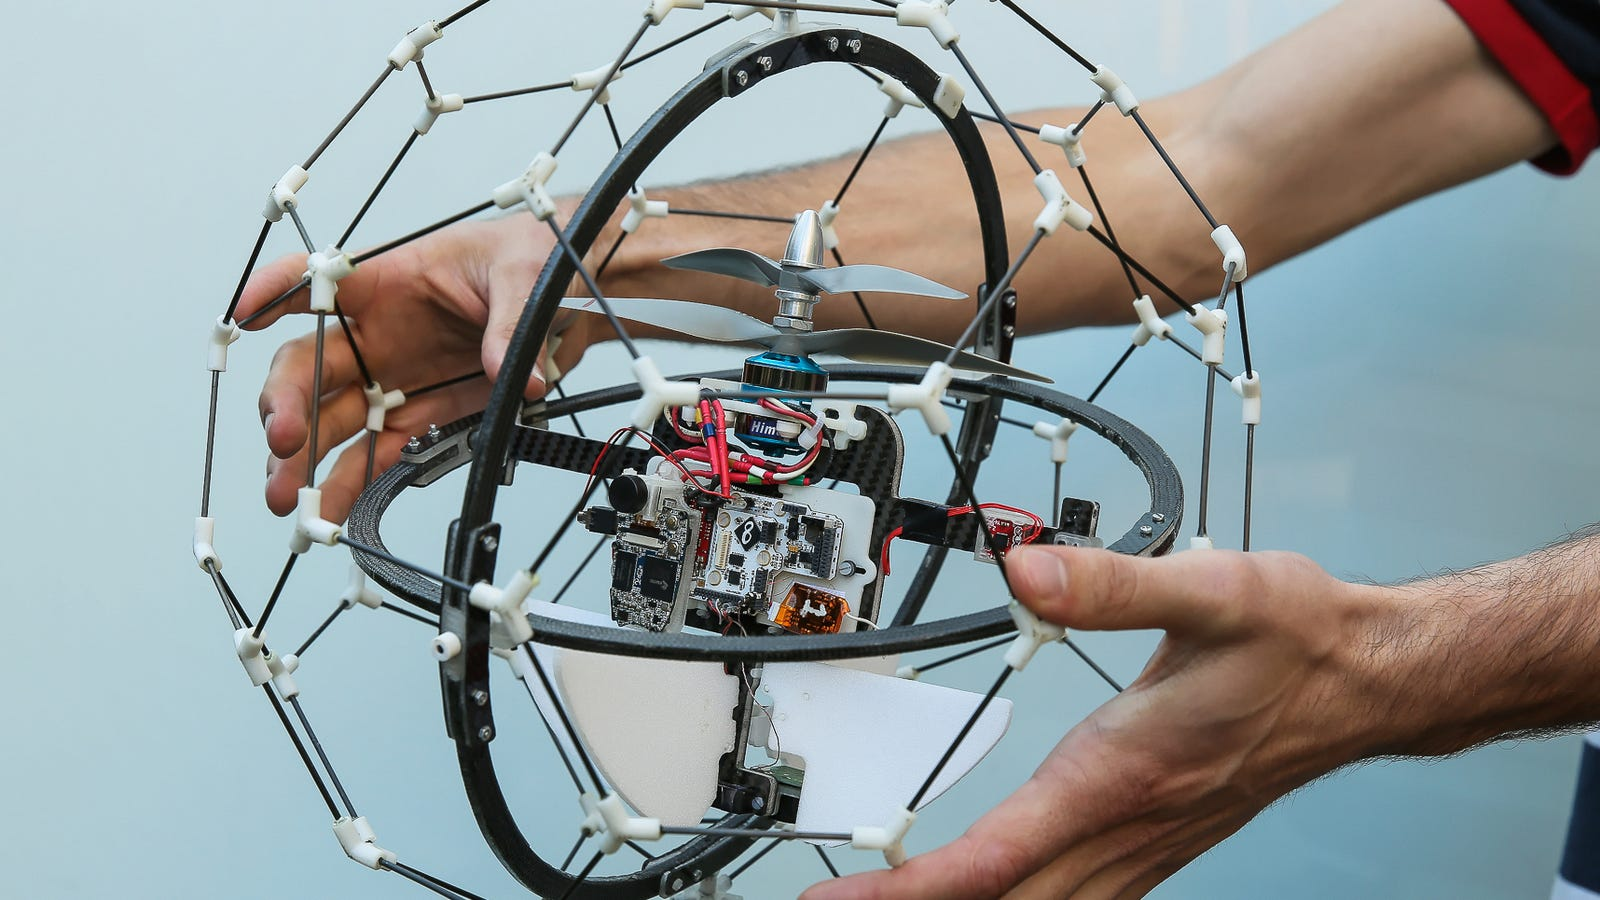 Este complejo dron se ha ganado un premio de 1 millón de dólares